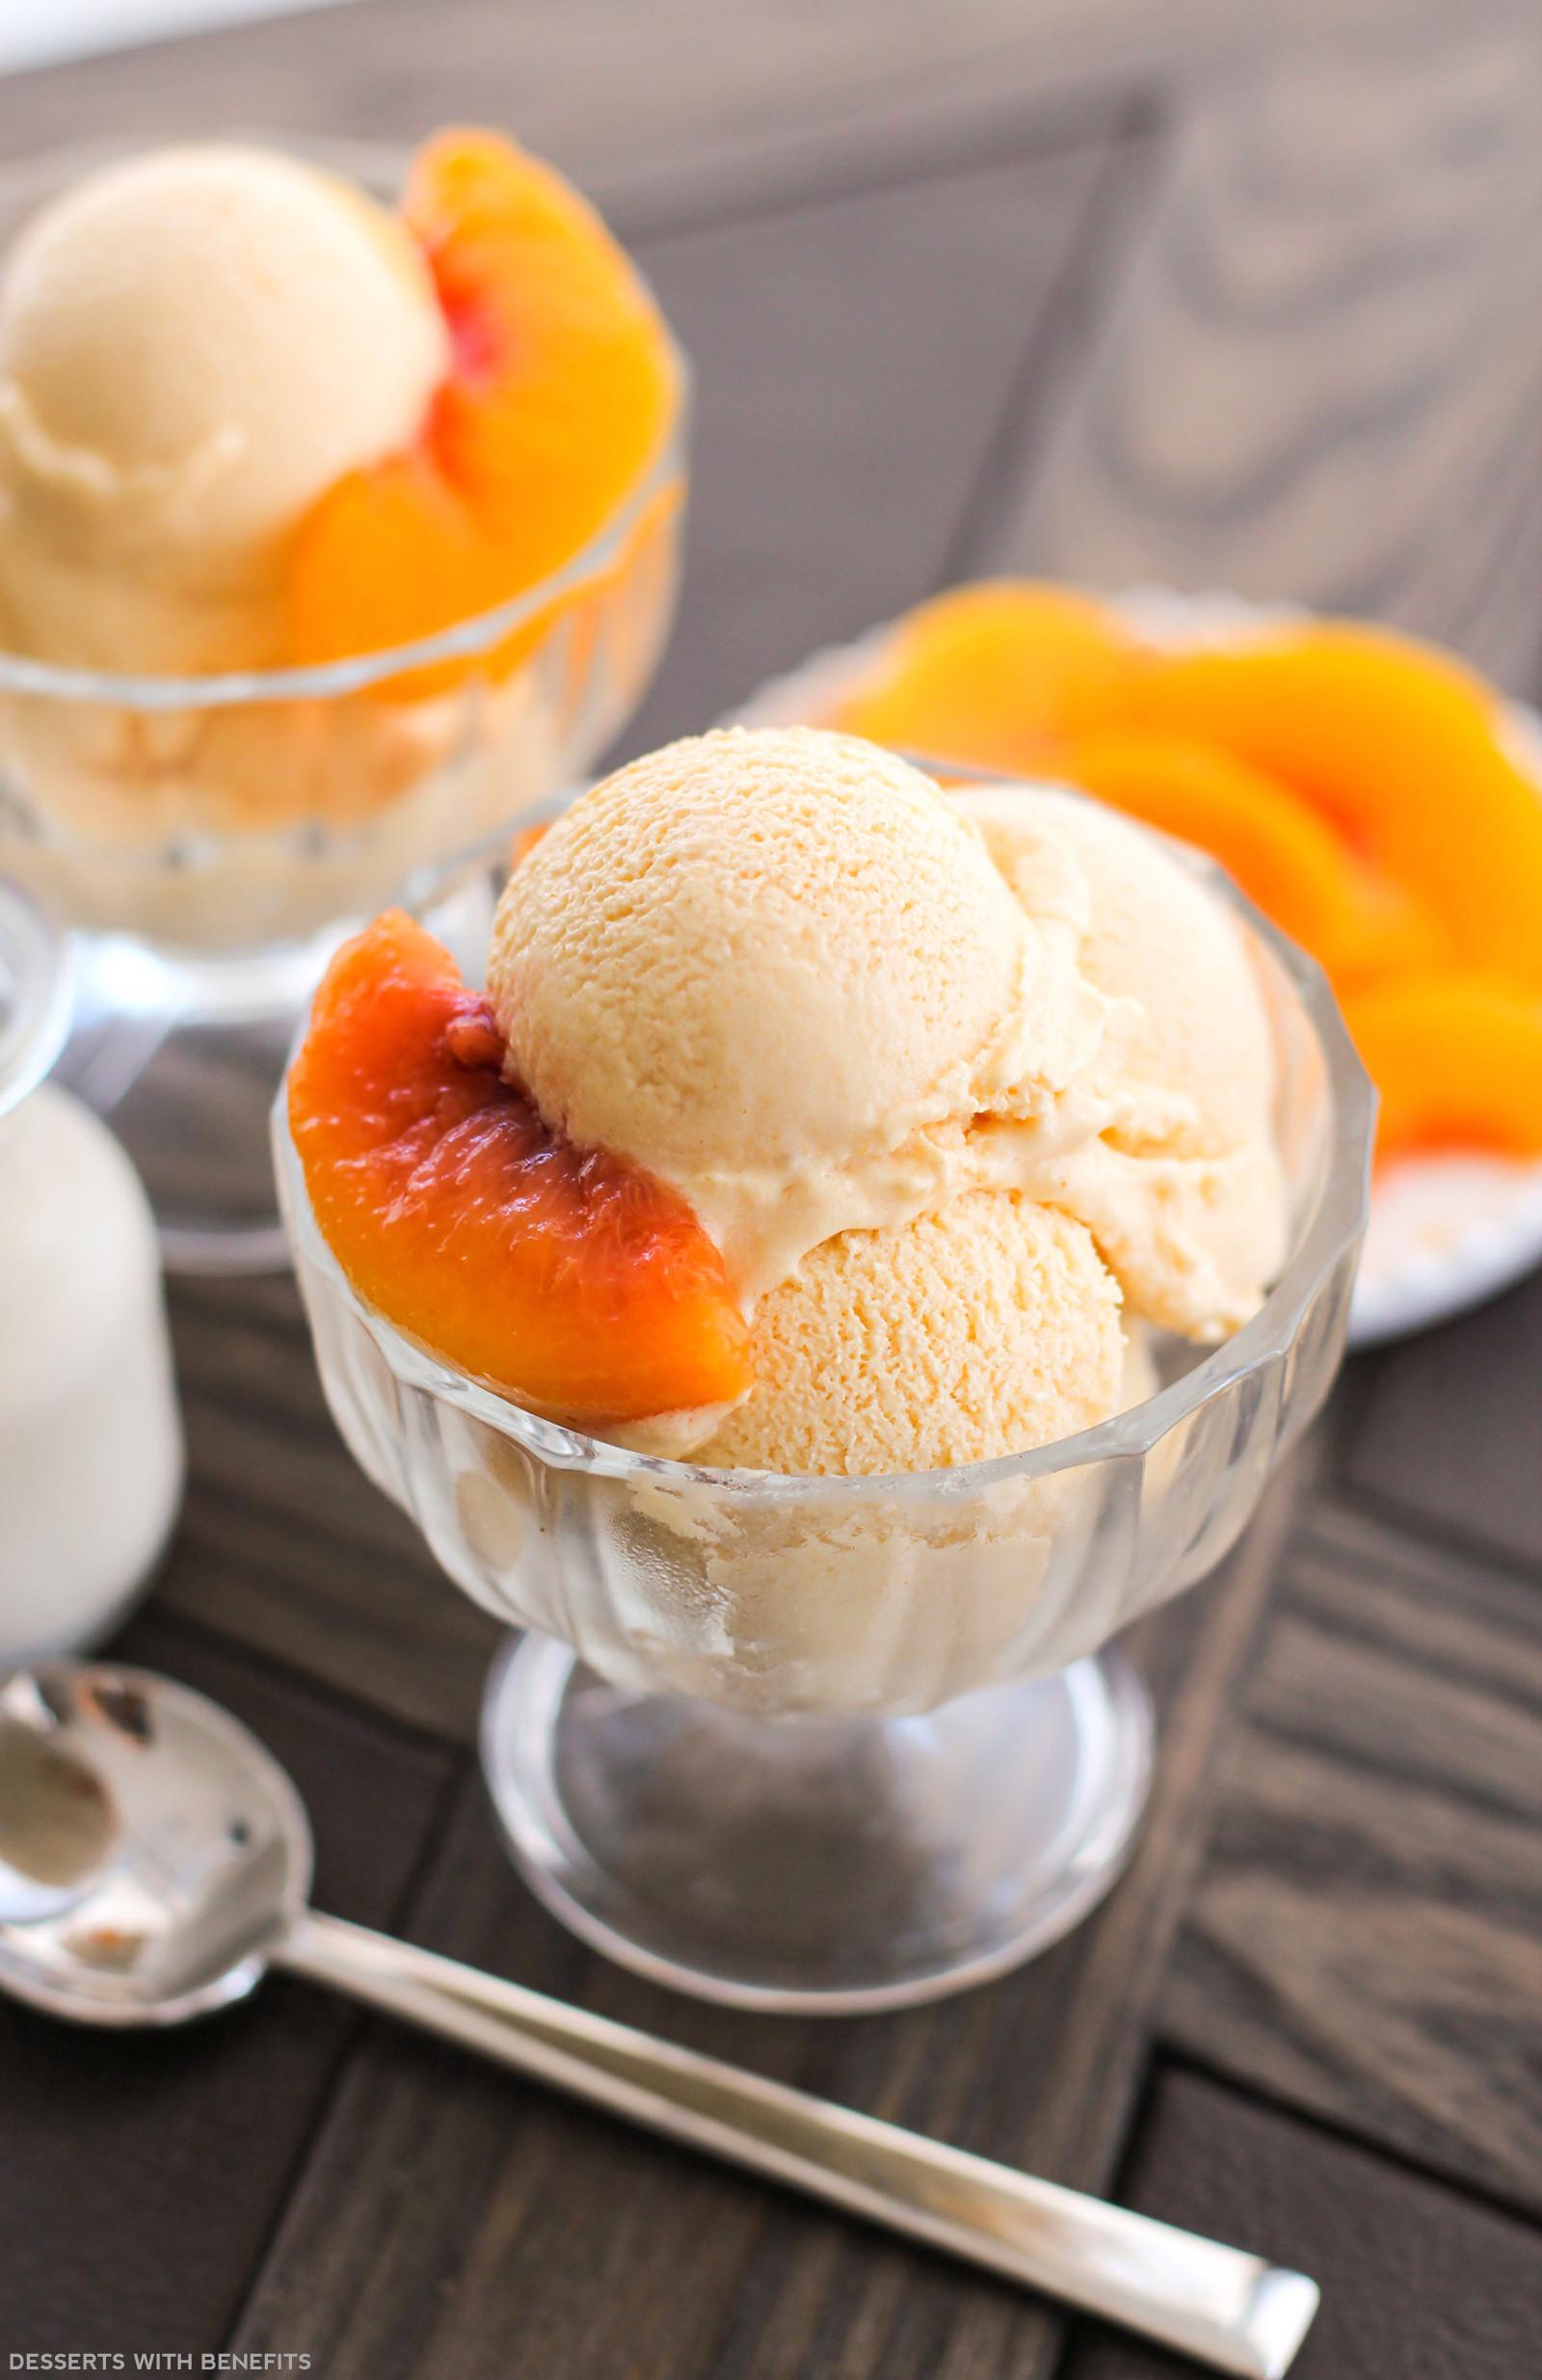 Healthy Peach Recipes  Healthy Peaches and Cream Ice Cream Recipe No Sugar Added